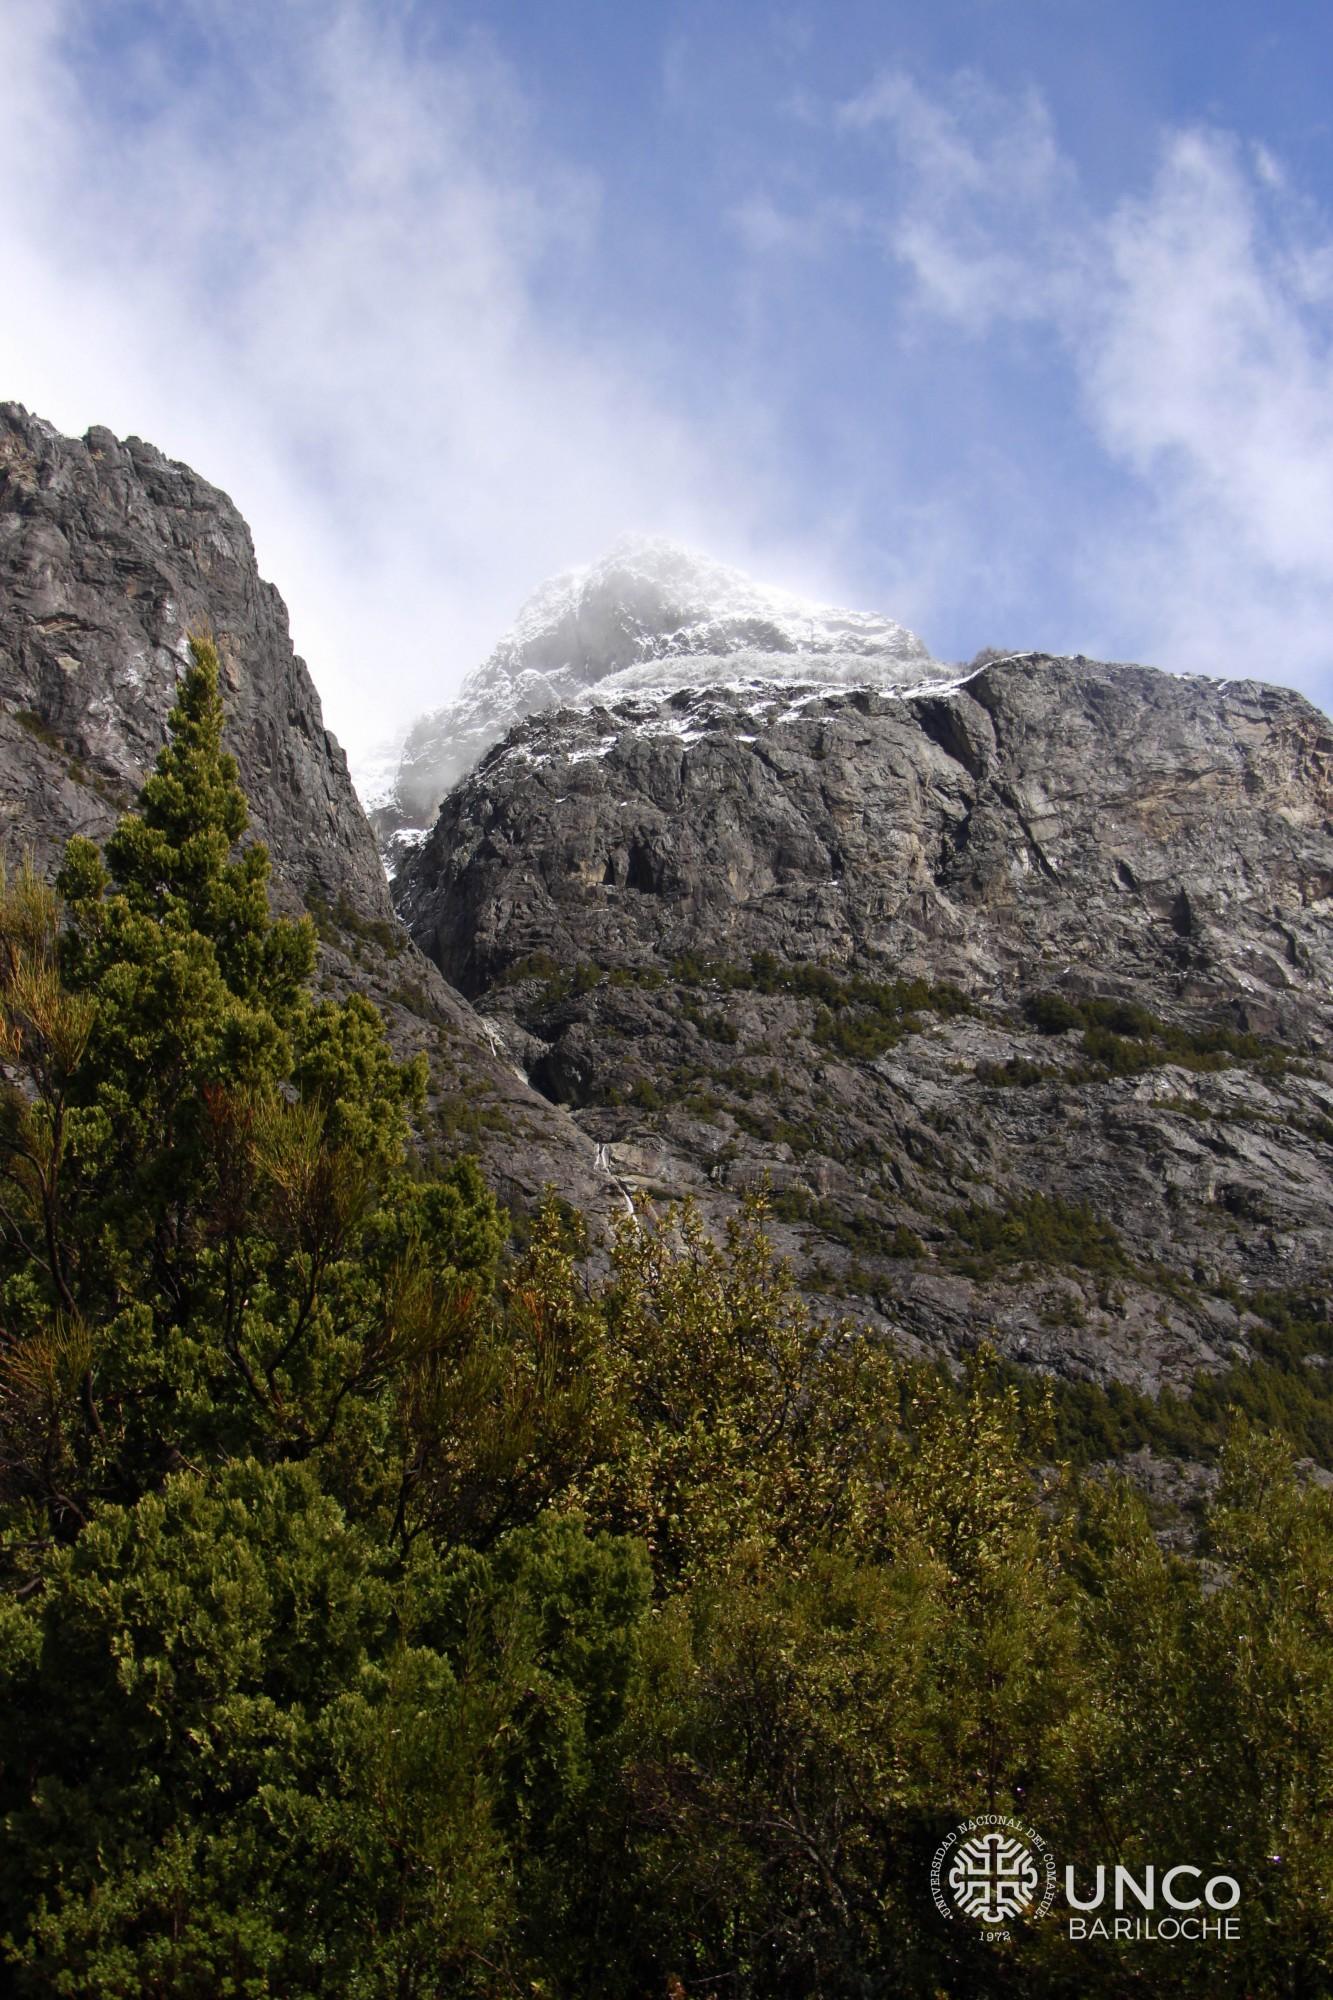 Vista del Cerro López desde el Cementerio del Montañes. Amigos y familiares contaron cóndores por docena.